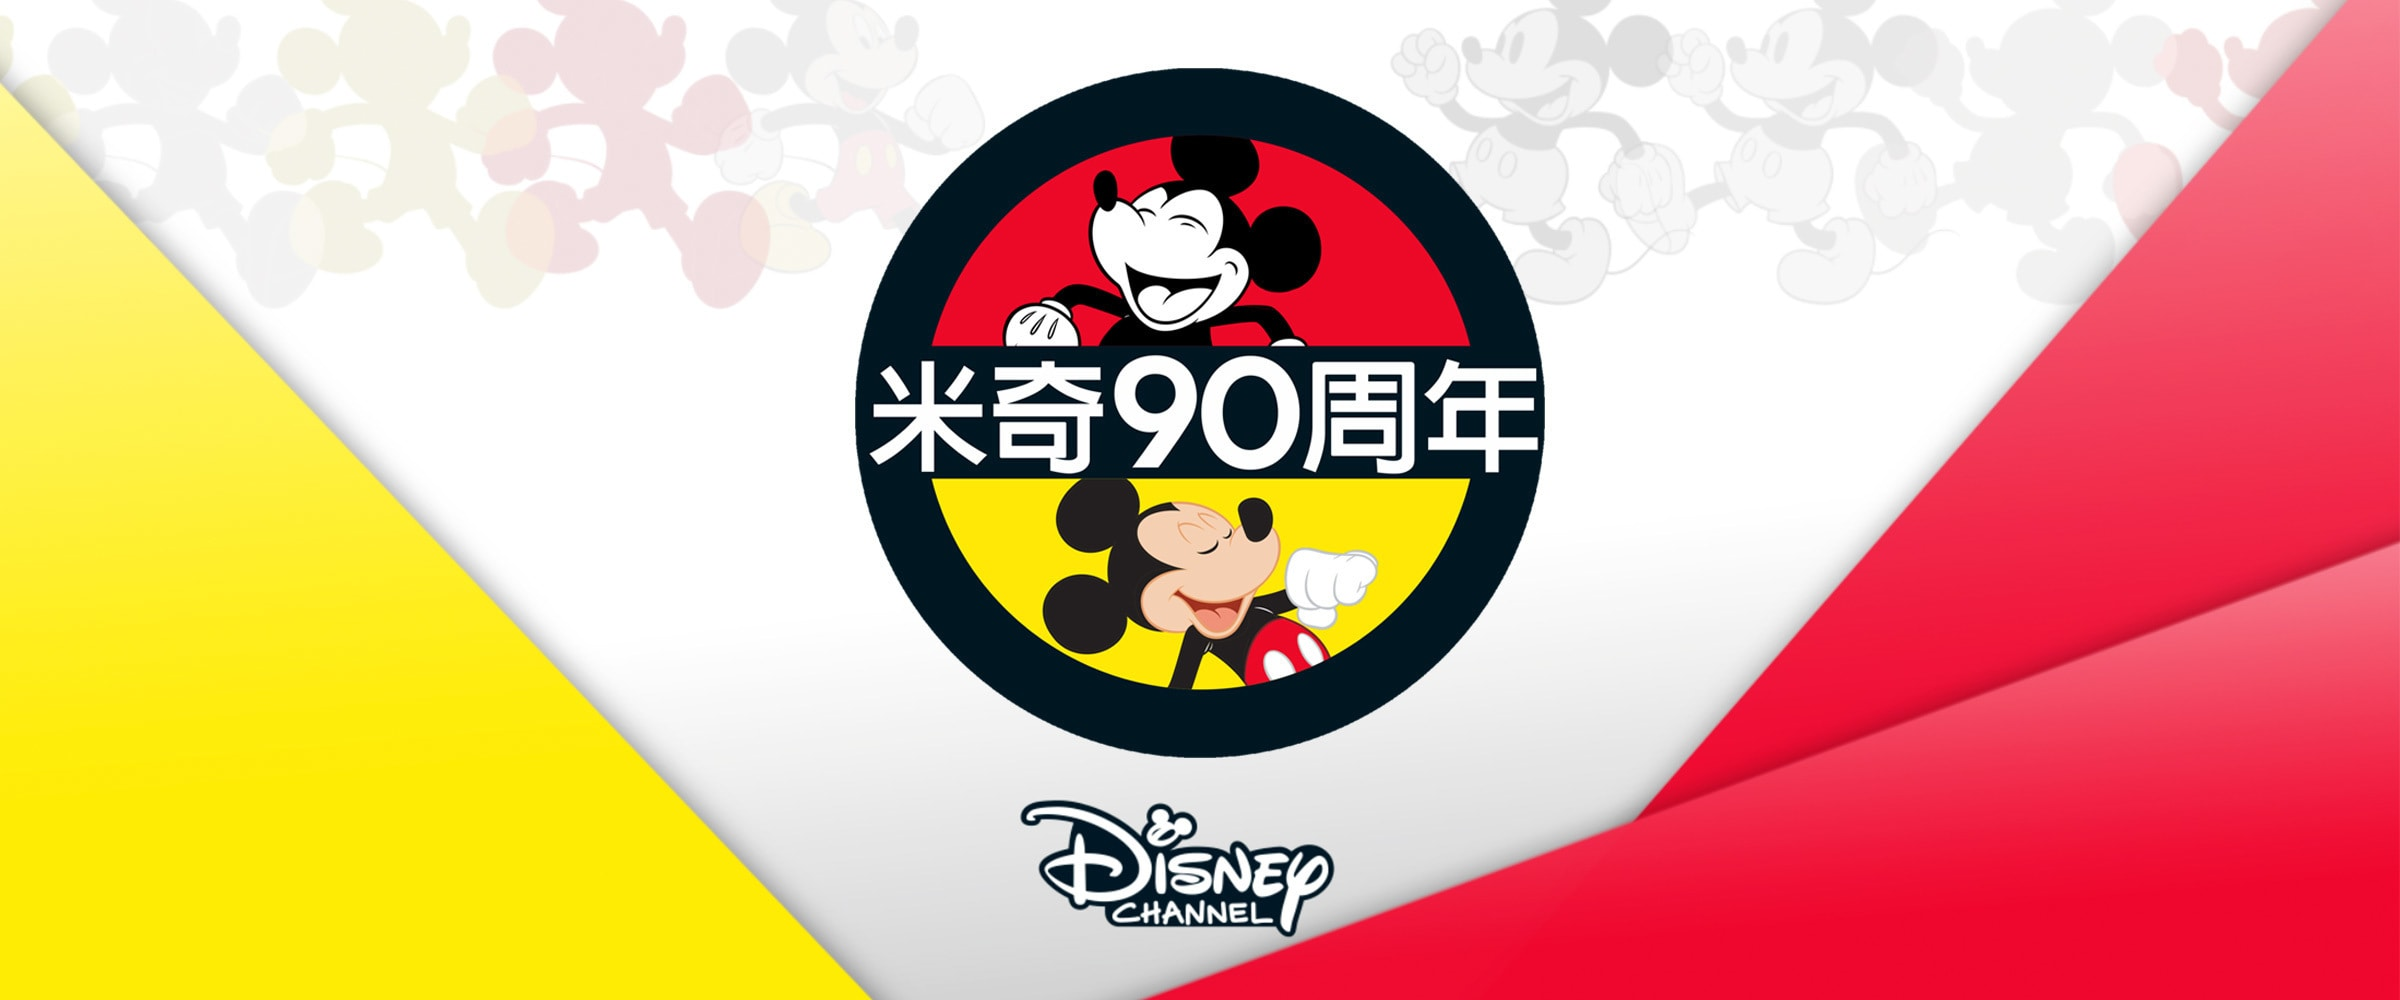 Mickey Movies 90